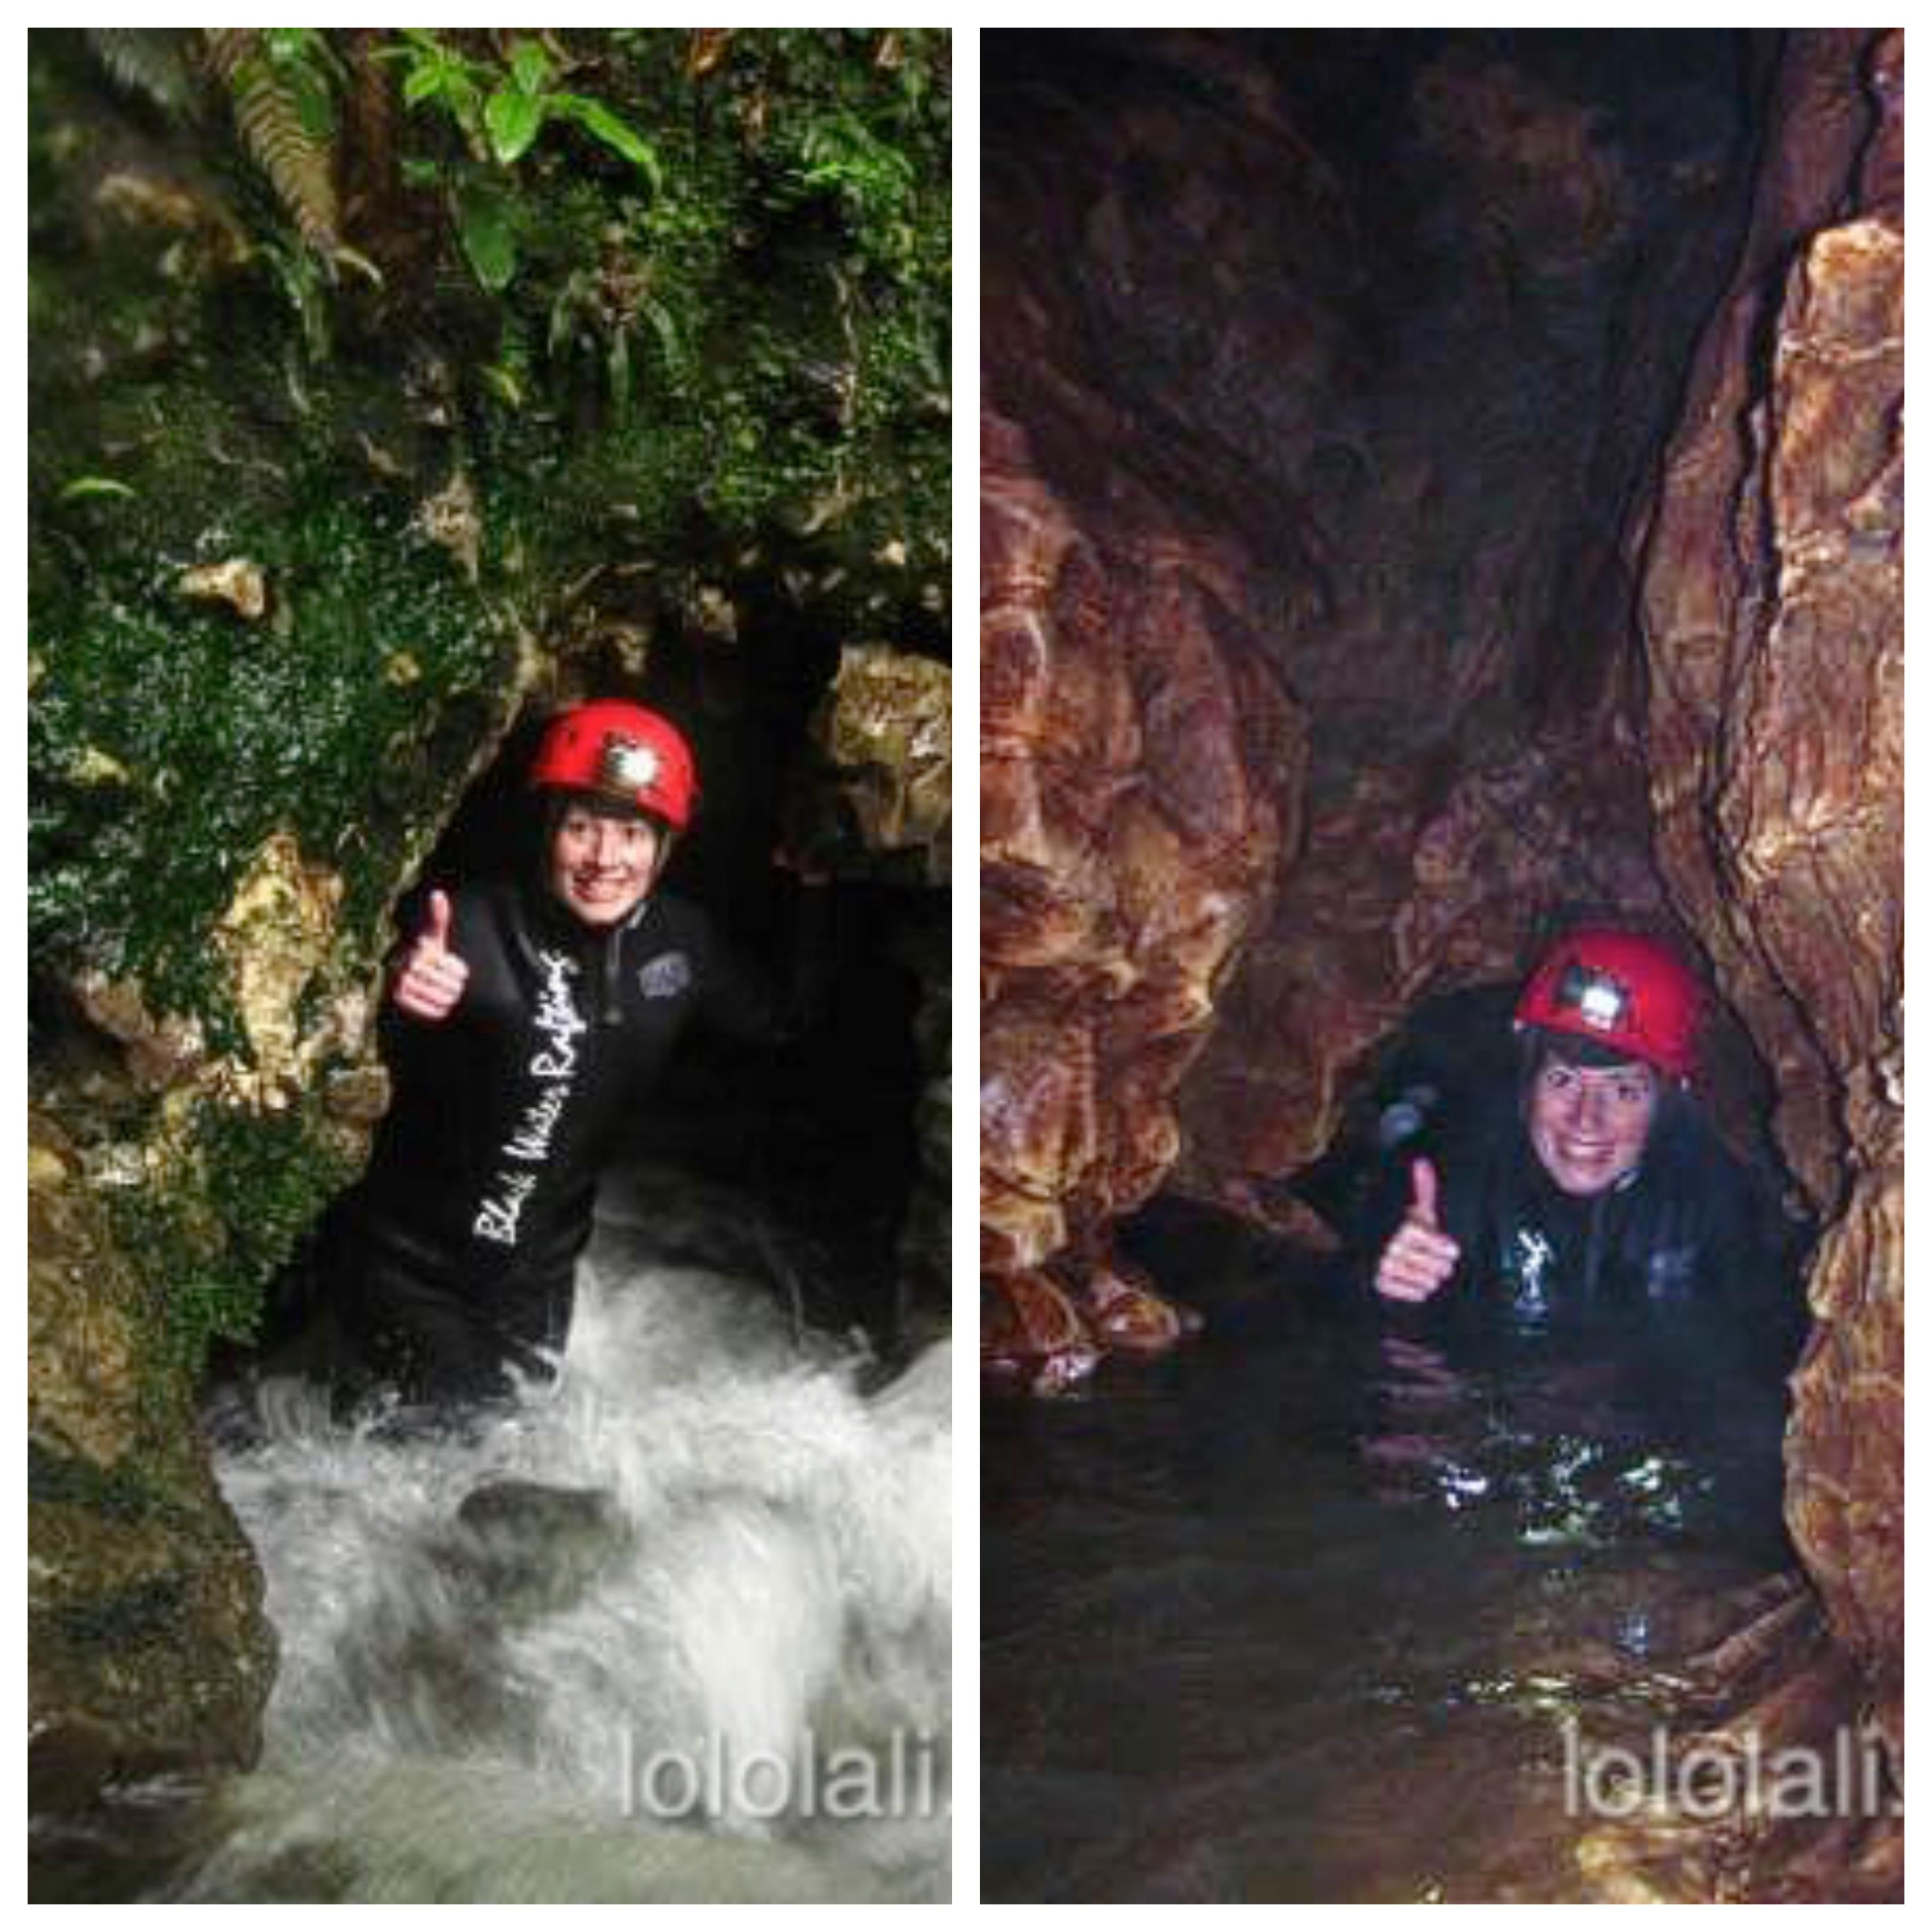 Lali en Waitomo Caves, Nueva Zelanda, Oceanía